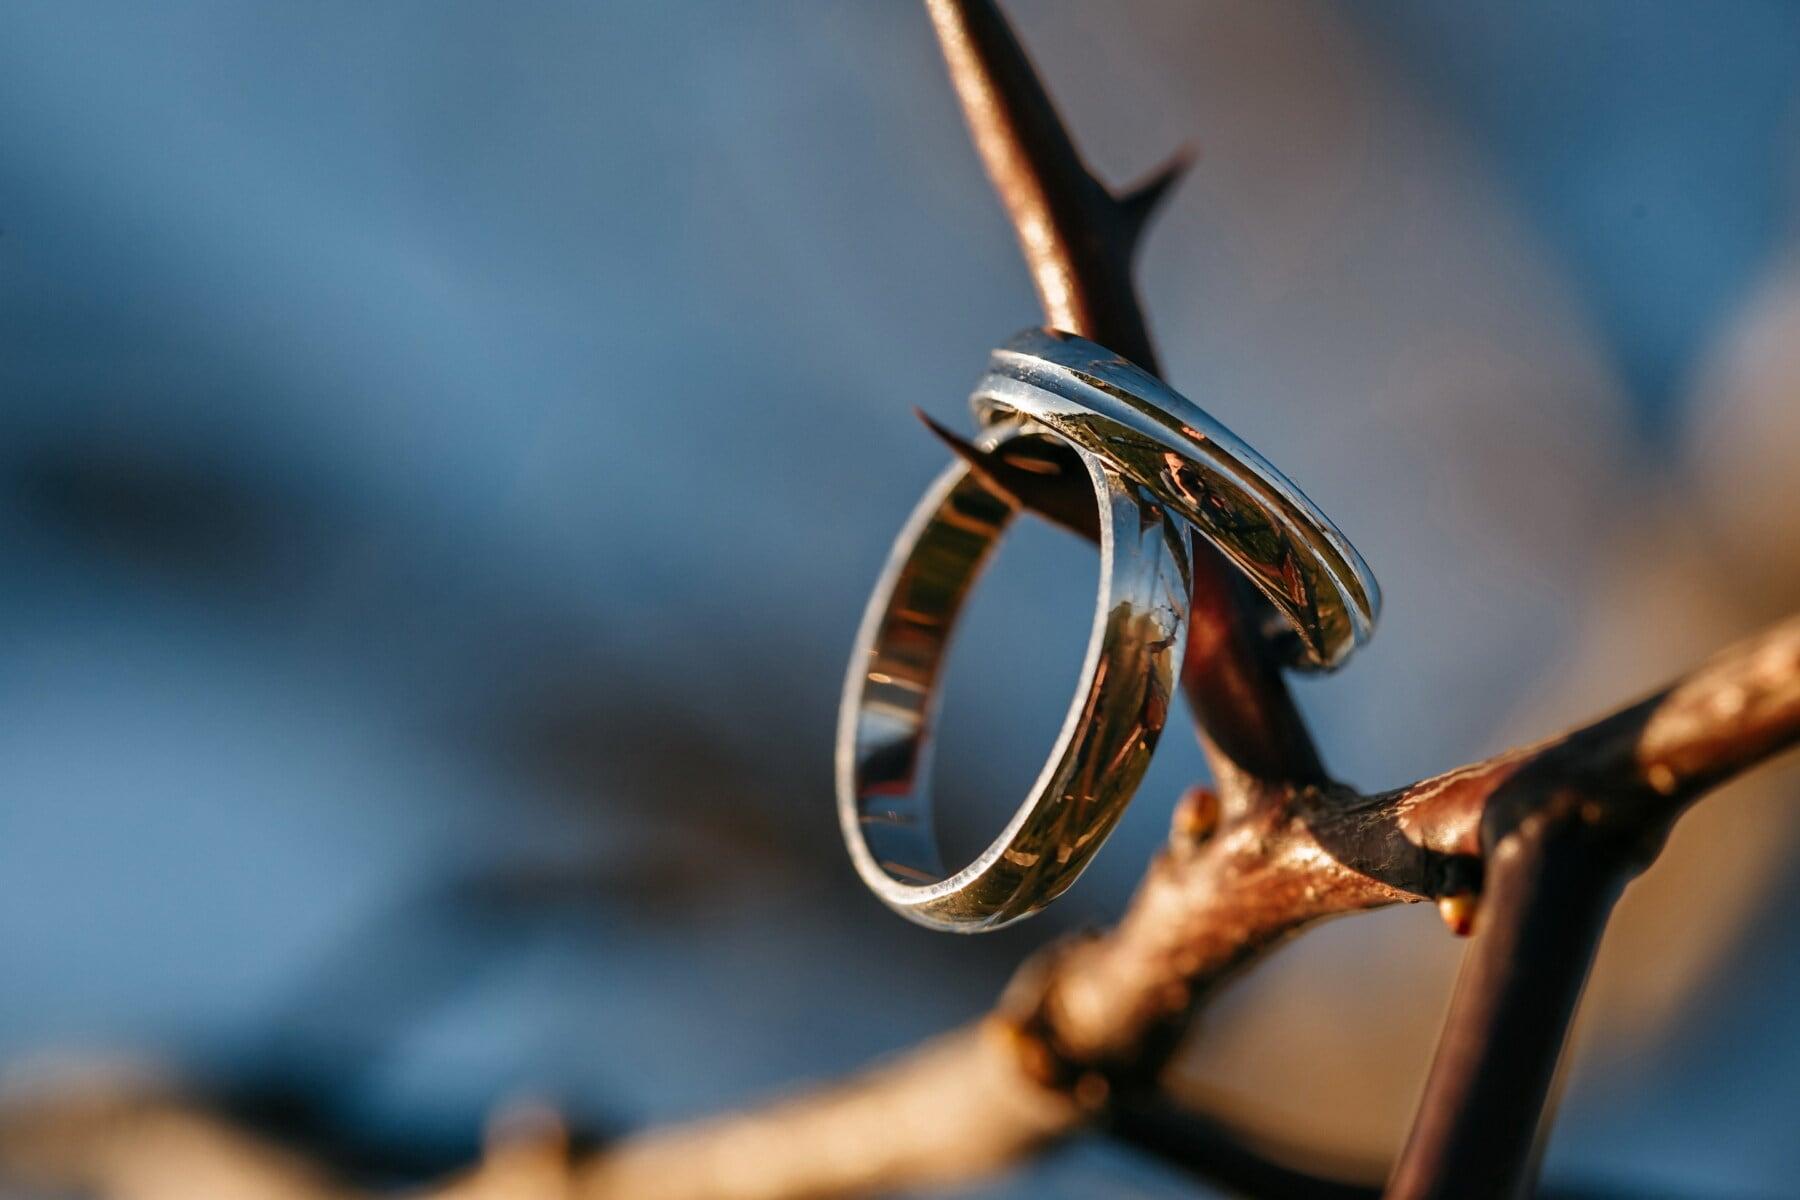 branche, bague de mariage, bijoux, épine, anneaux, Acacia pycnantha, Or, lueur dorée, brouiller, à l'extérieur